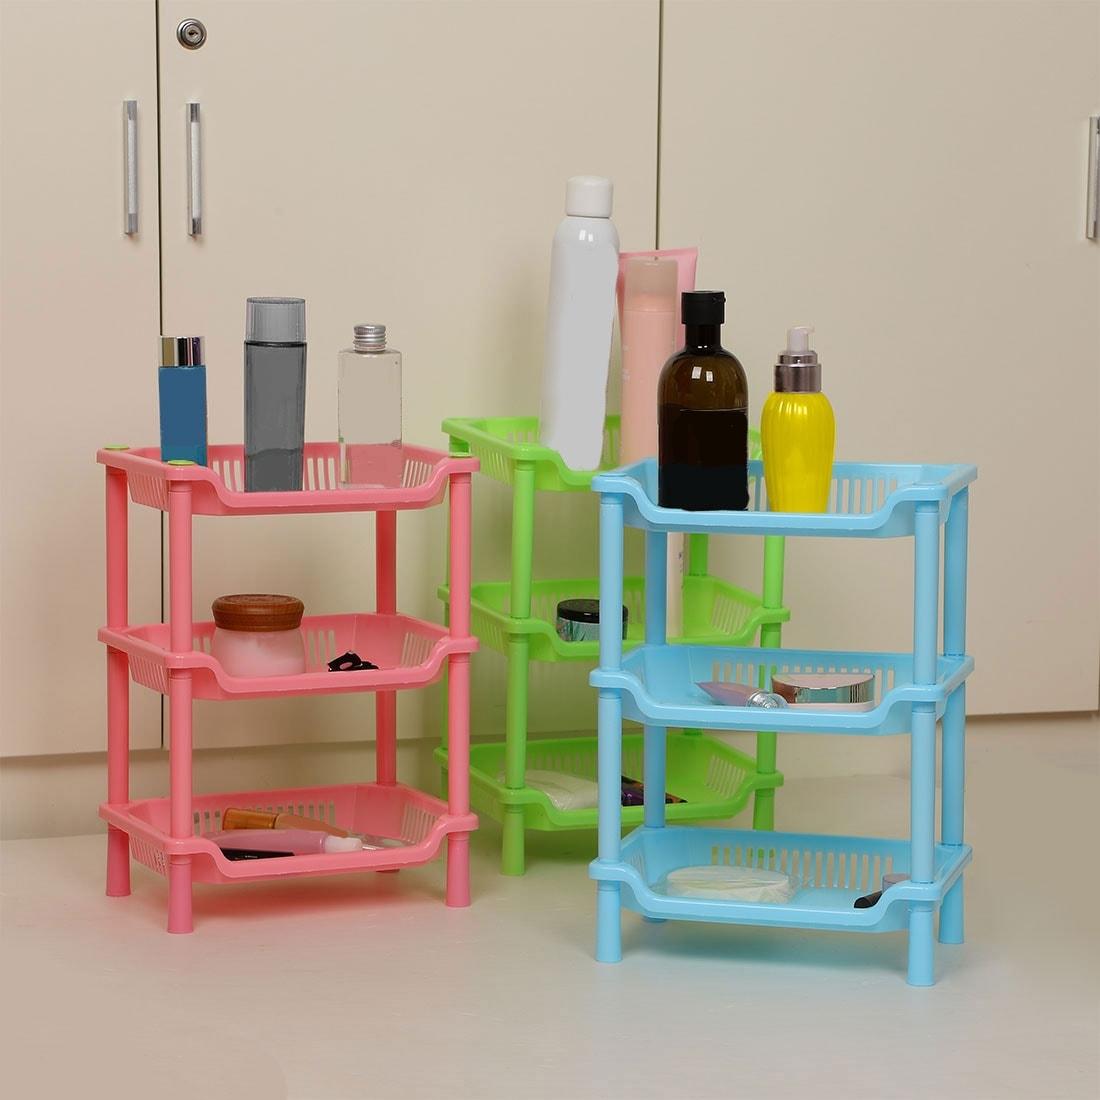 Bathroom Caddy Shelf Kitchen Storage Rack Holder Room Corner Organizer Tray Anyren 3 Tier Plastic Storage Shelf